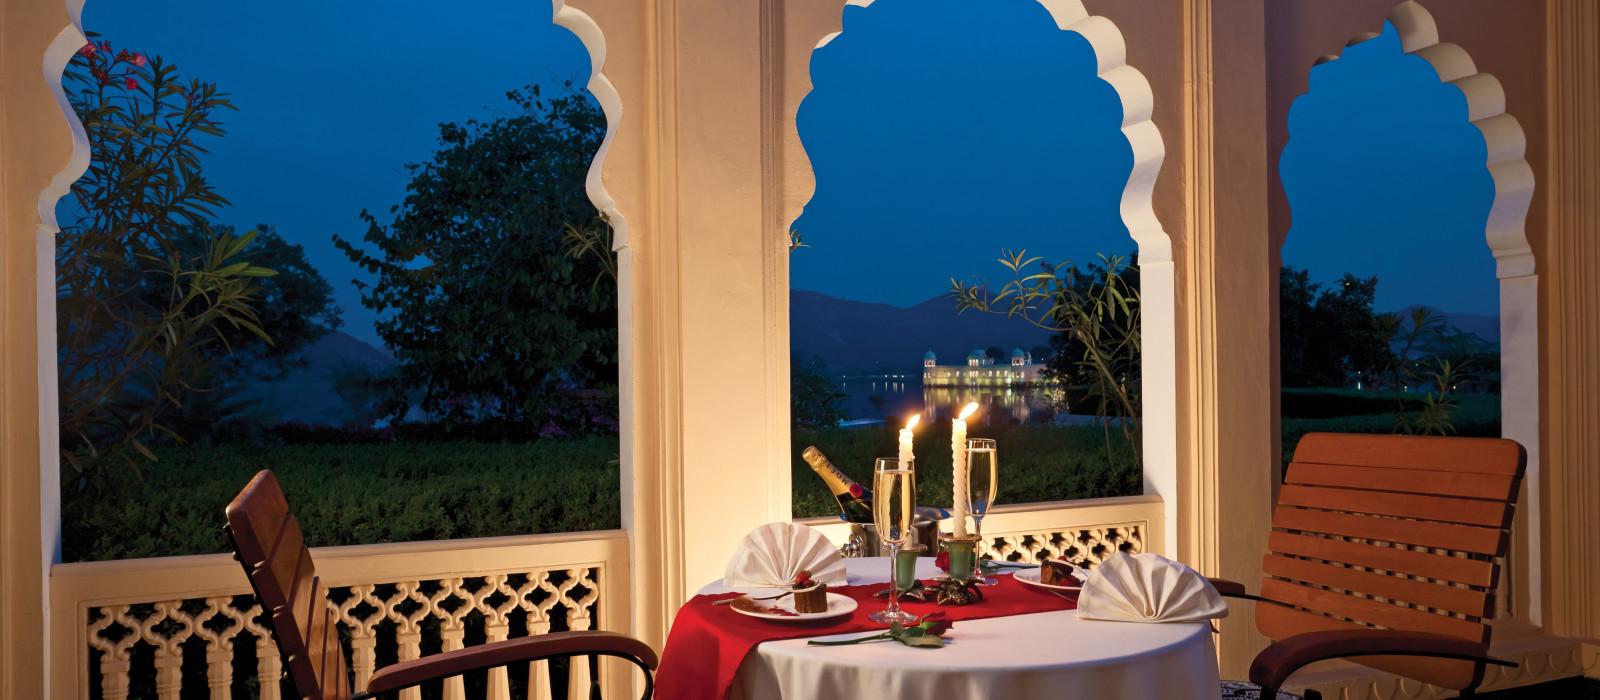 Hotel The Trident Jaipur Nordindien